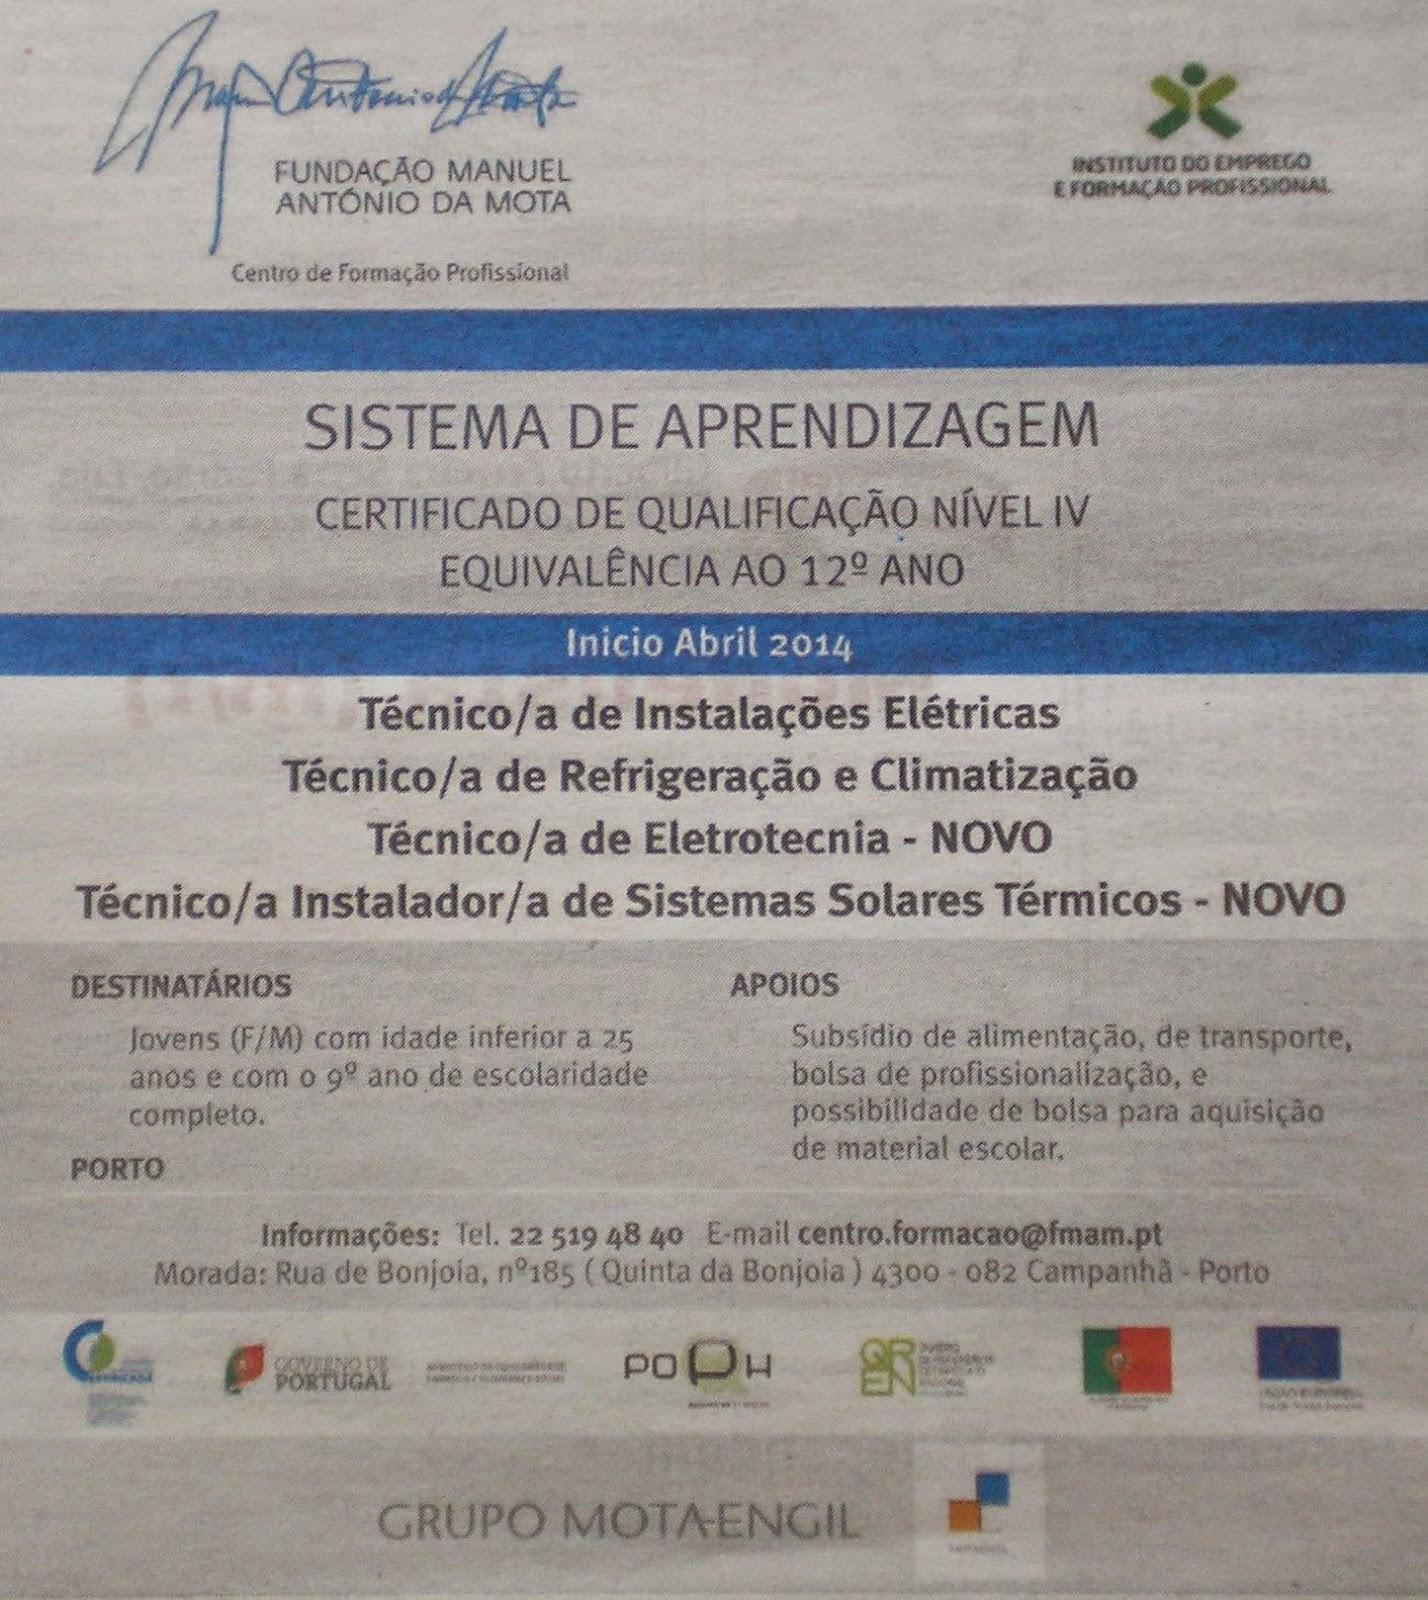 Cursos de Aprendizagem nível IV no Porto – 2014 (equivalentes ao 12º ano)